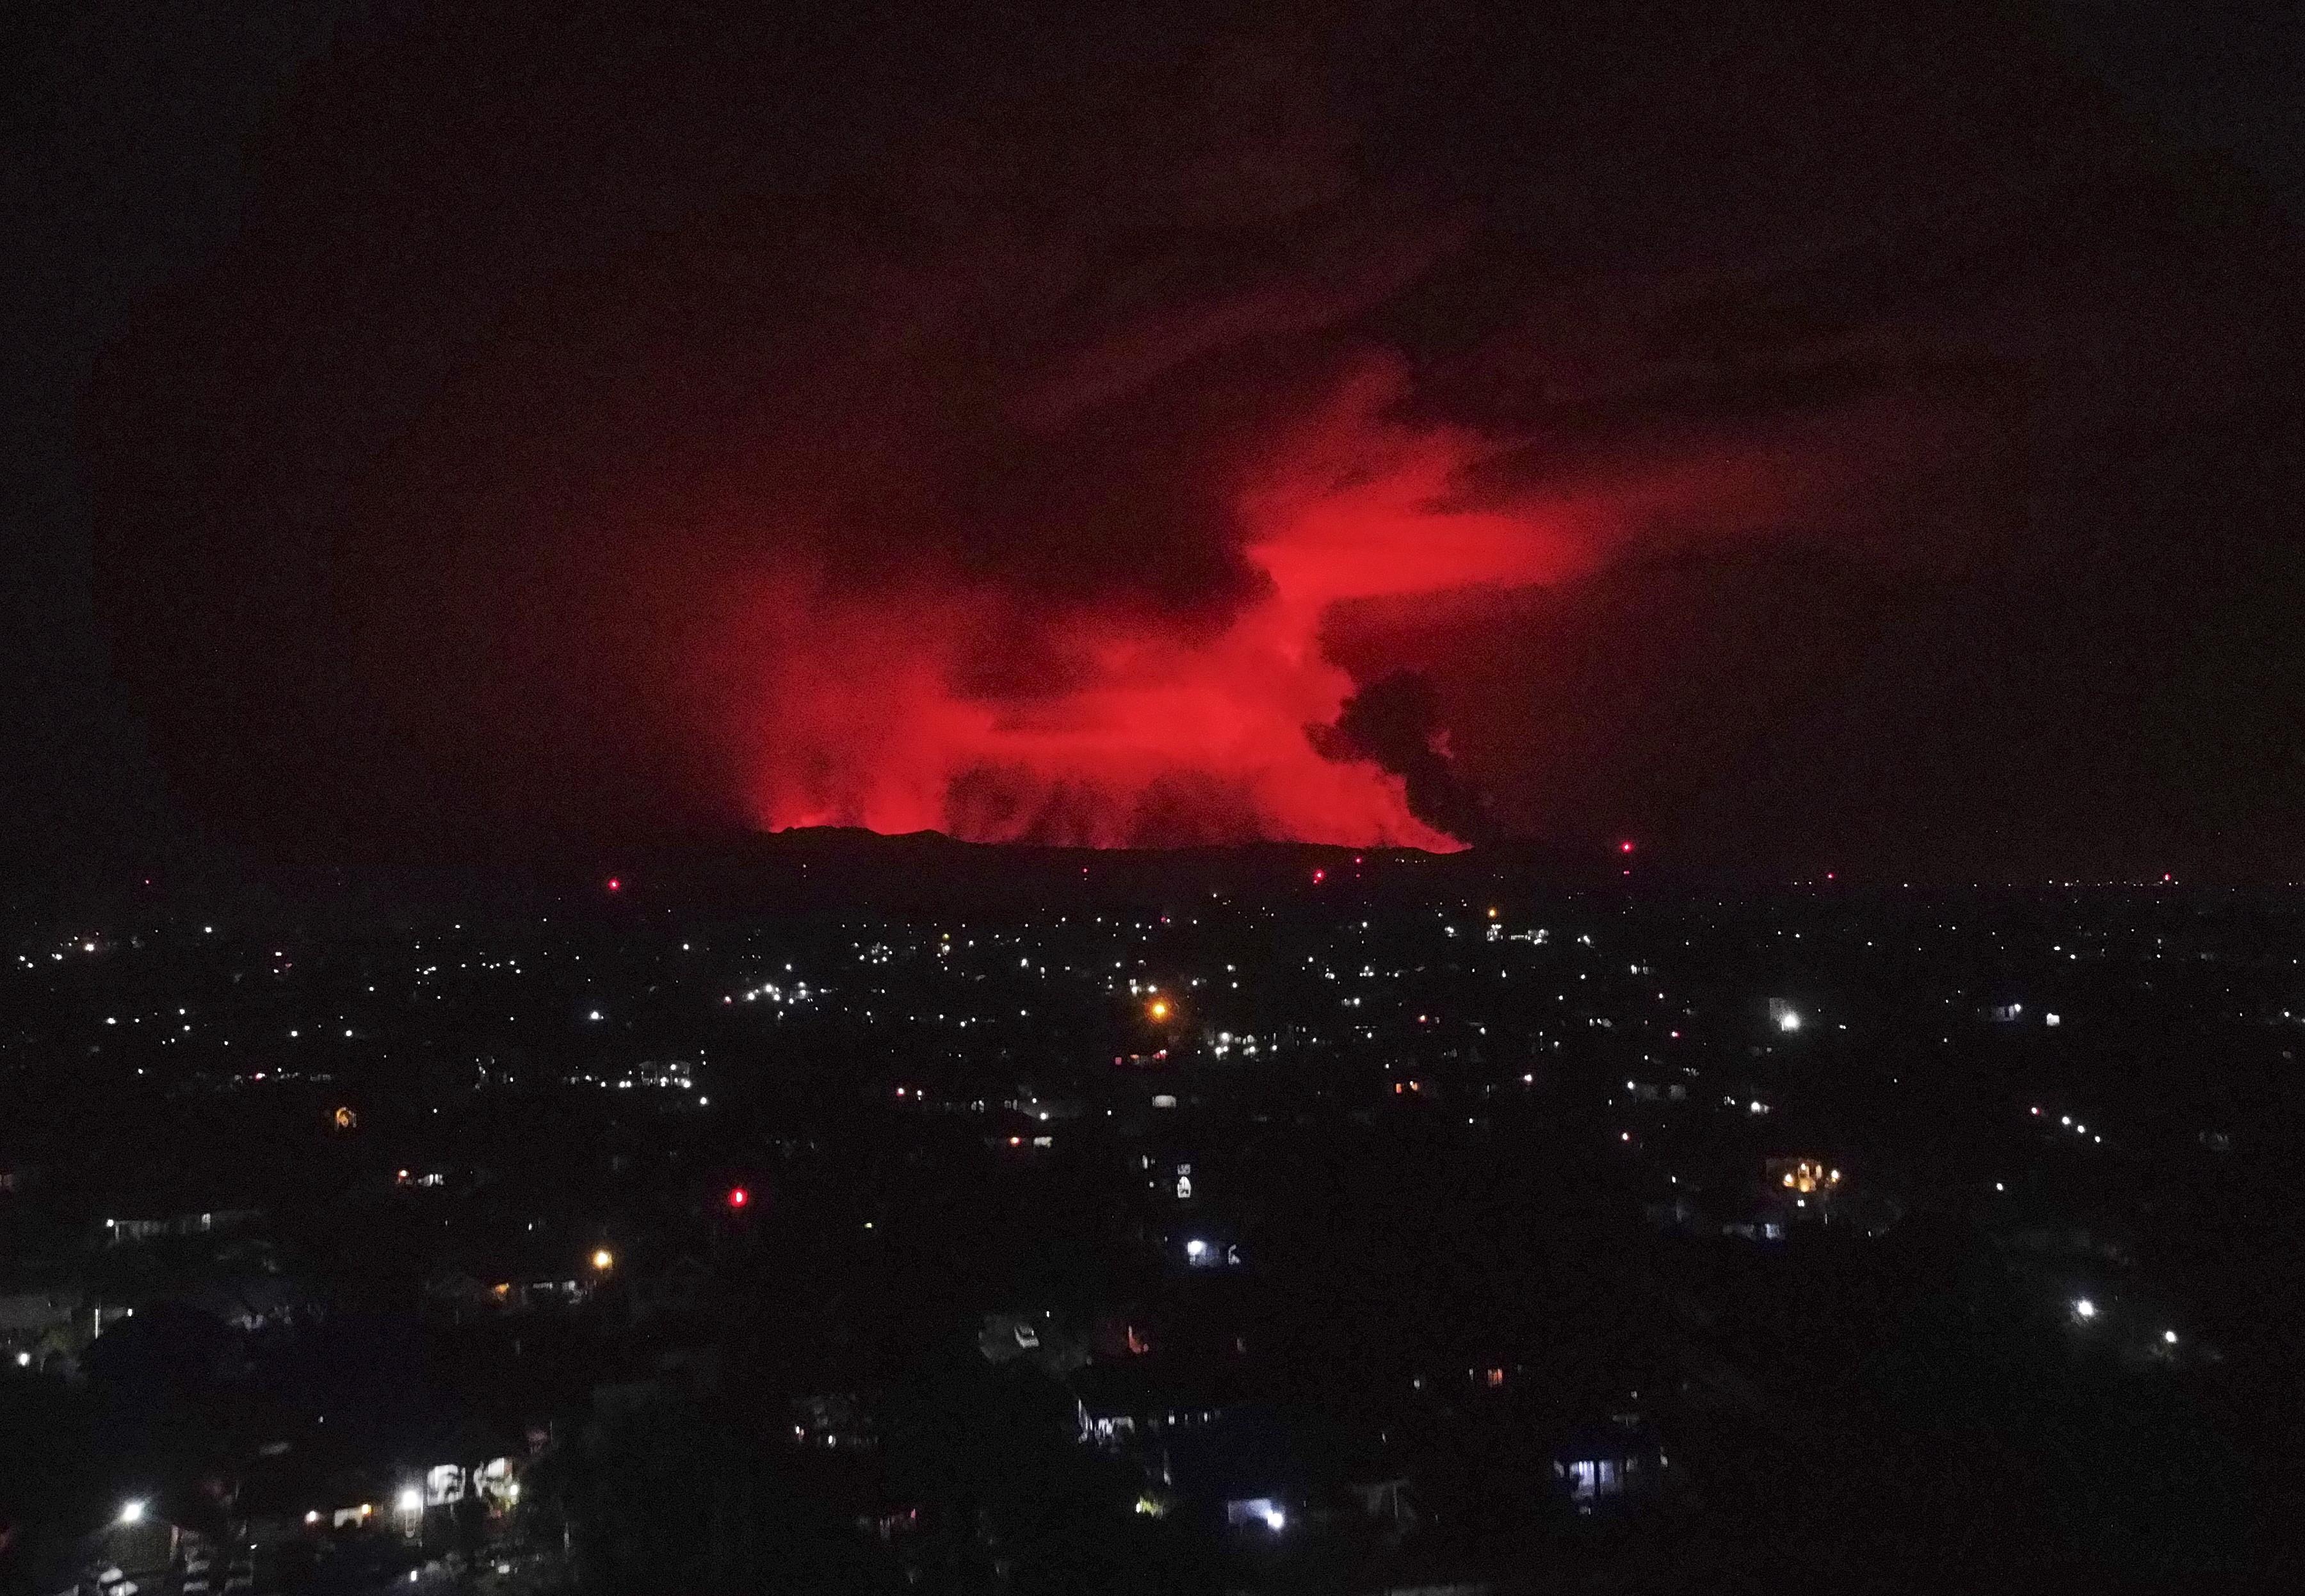 Vulcanul Nyiragongo din Republica Democrată Congo a erupt. Orașul Goma, evacuat. FOTO